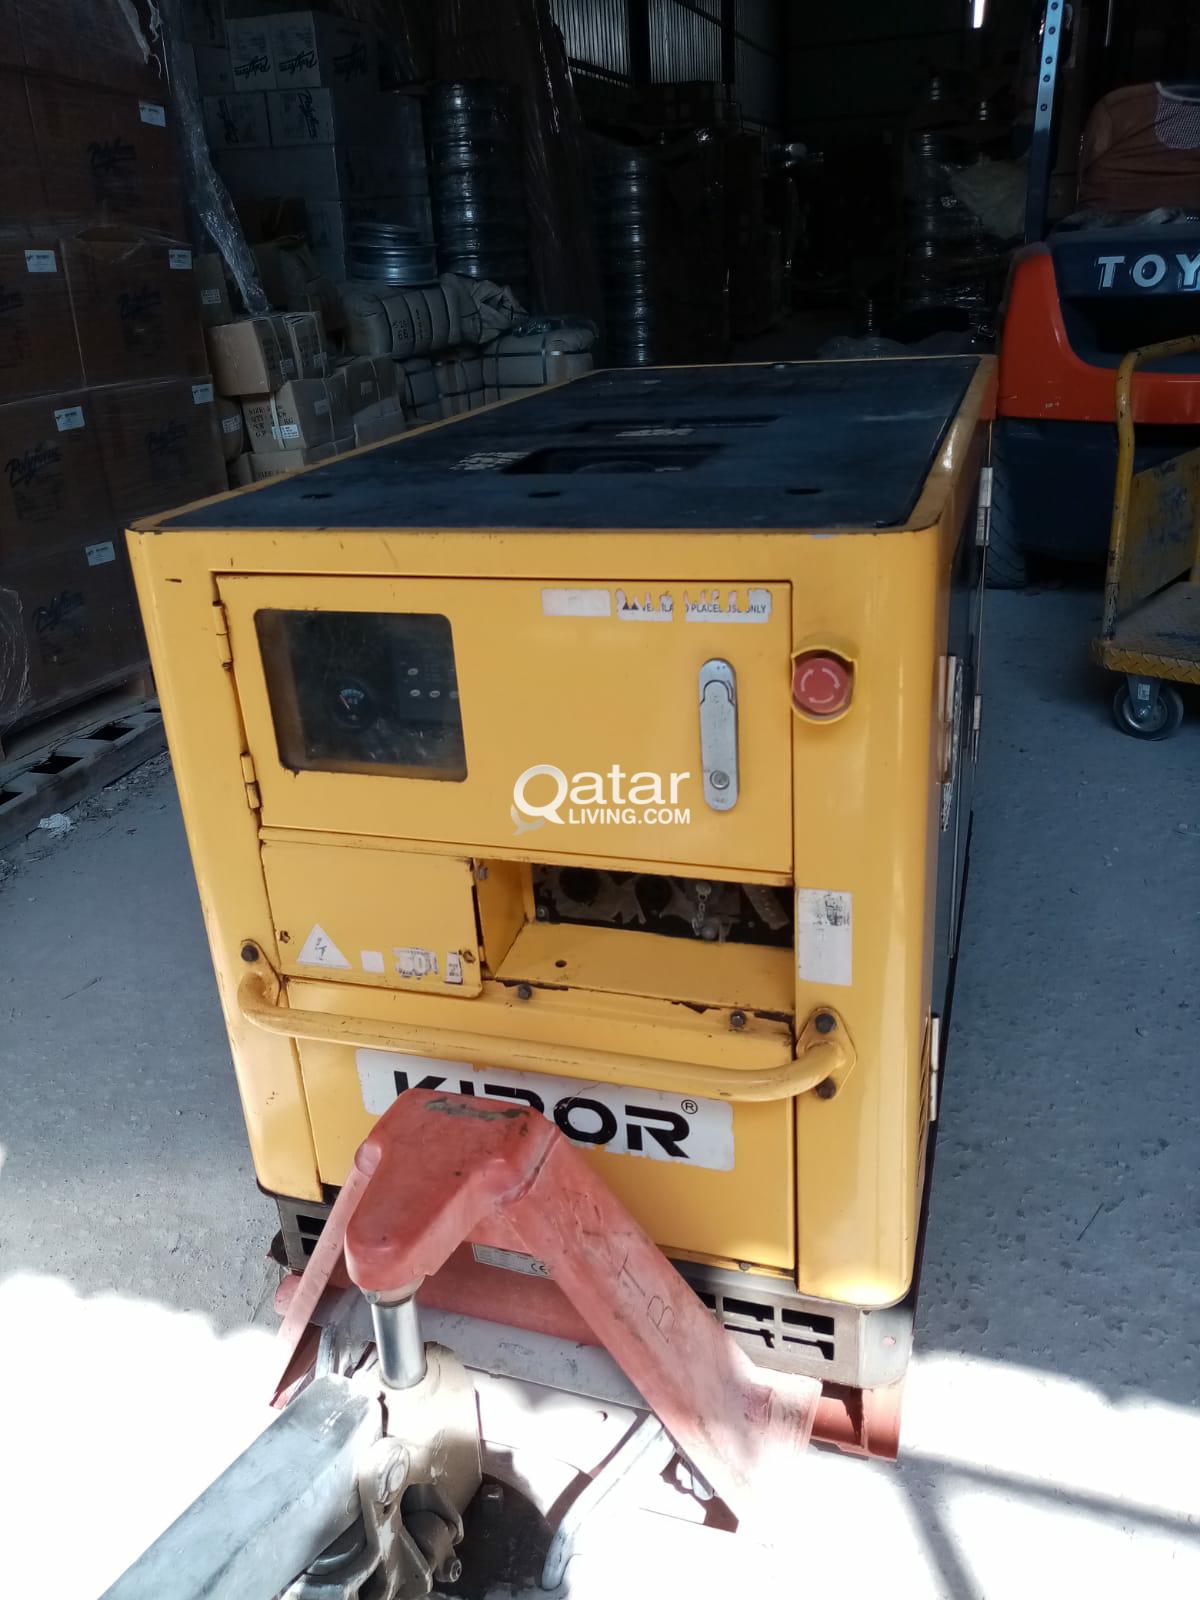 Kipor Generator | Qatar Living